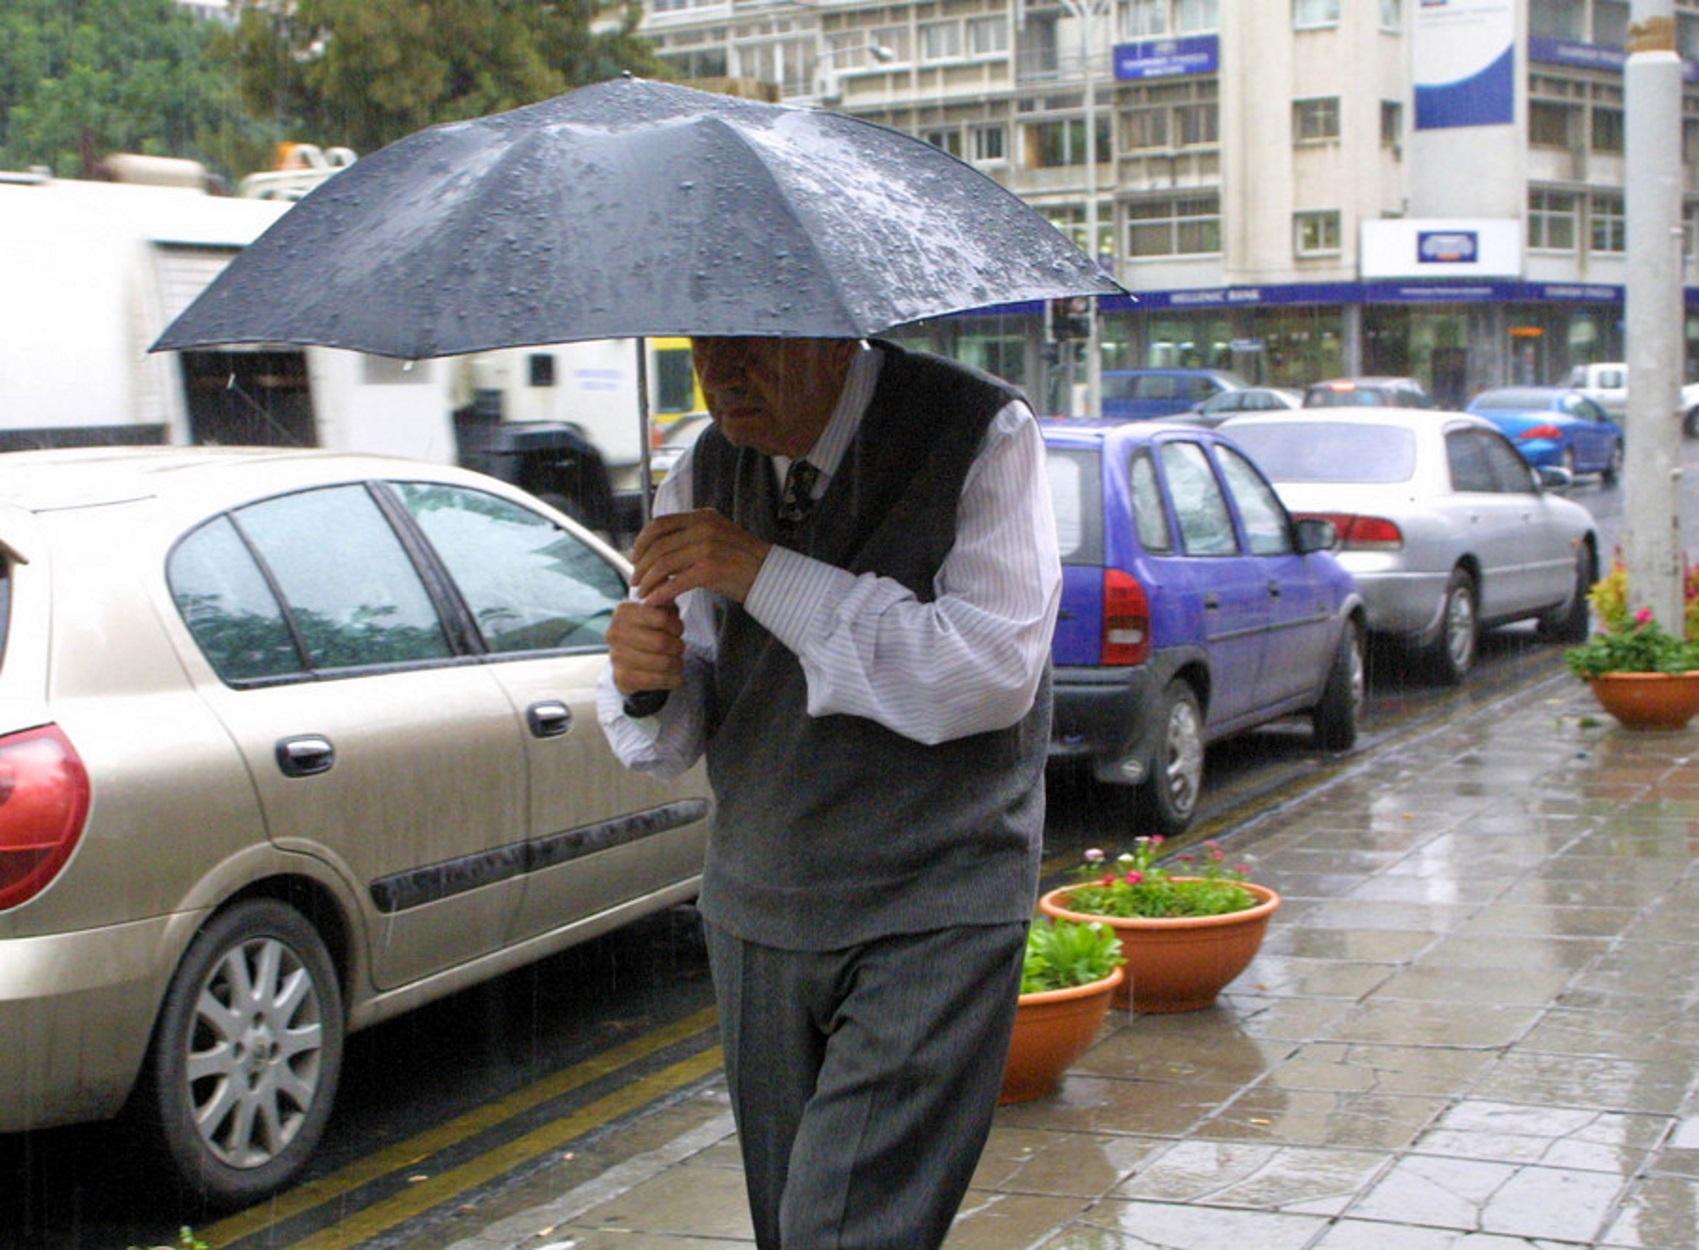 Καιρός – Θεσσαλονίκη: Μικροπροβλήματα σε δρόμους με διακοπές κυκλοφορίας από την έντονη βροχόπτωση